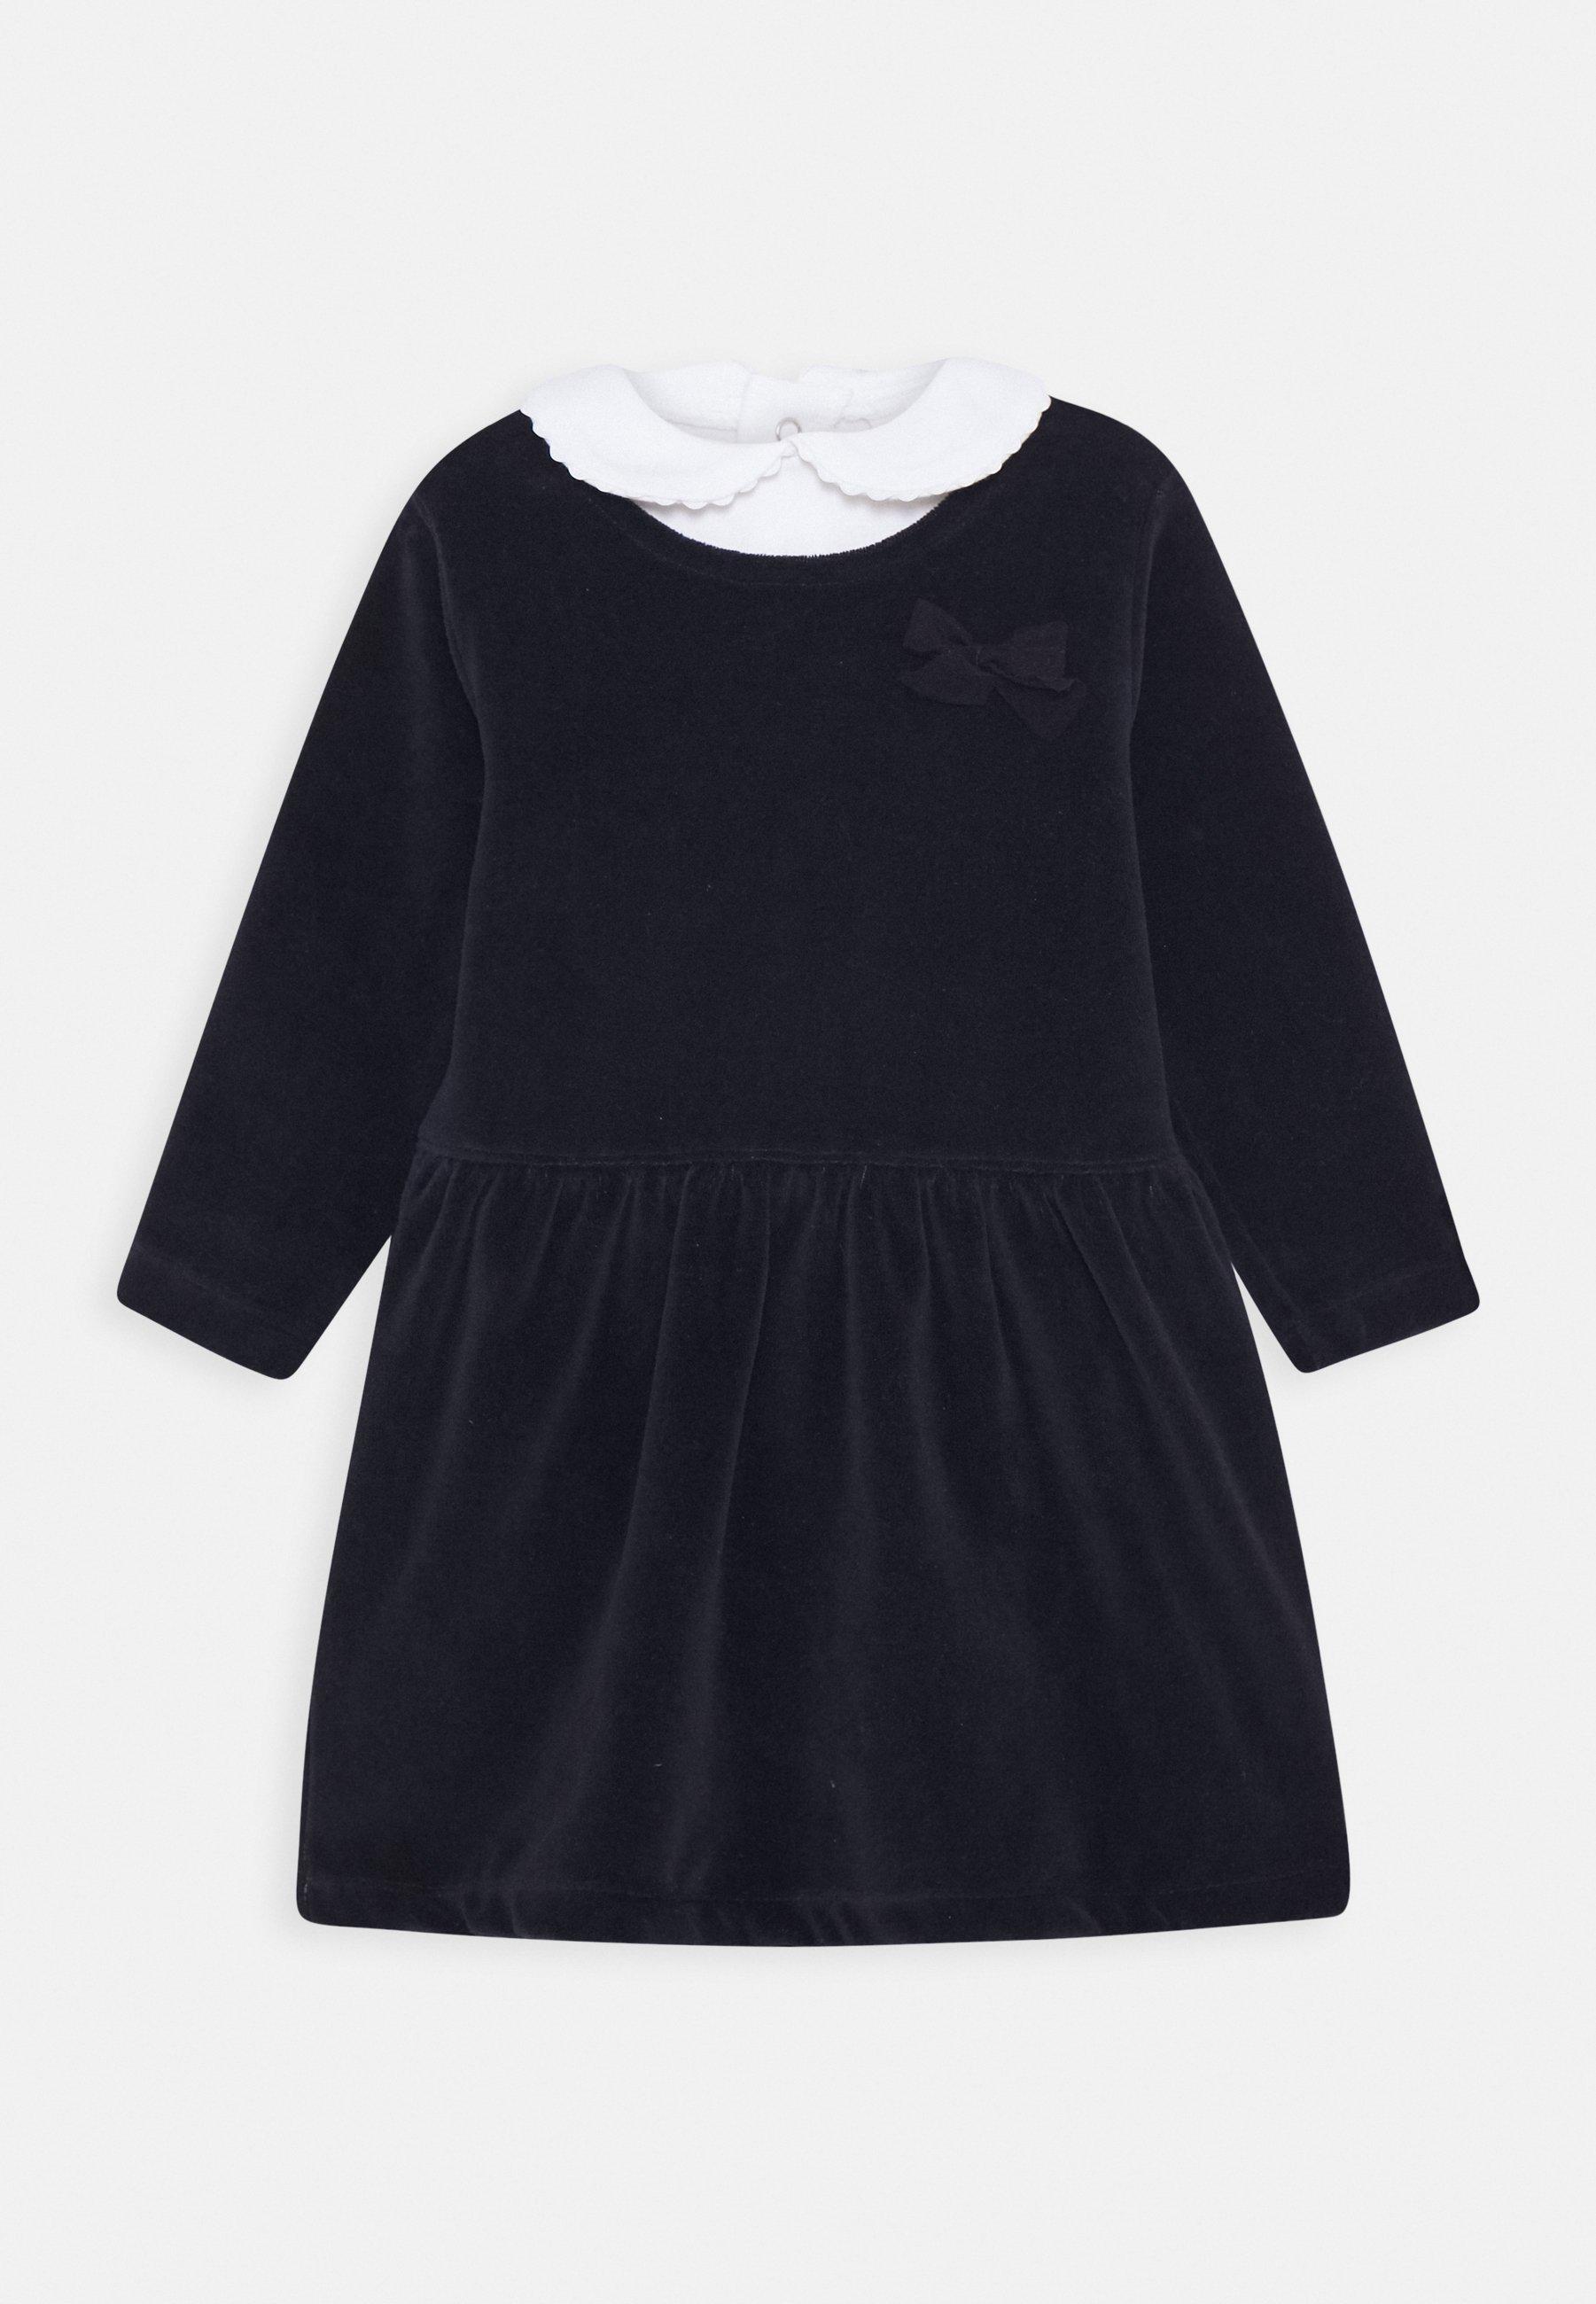 jacky baby dresses set - cocktailkleid/festliches kleid